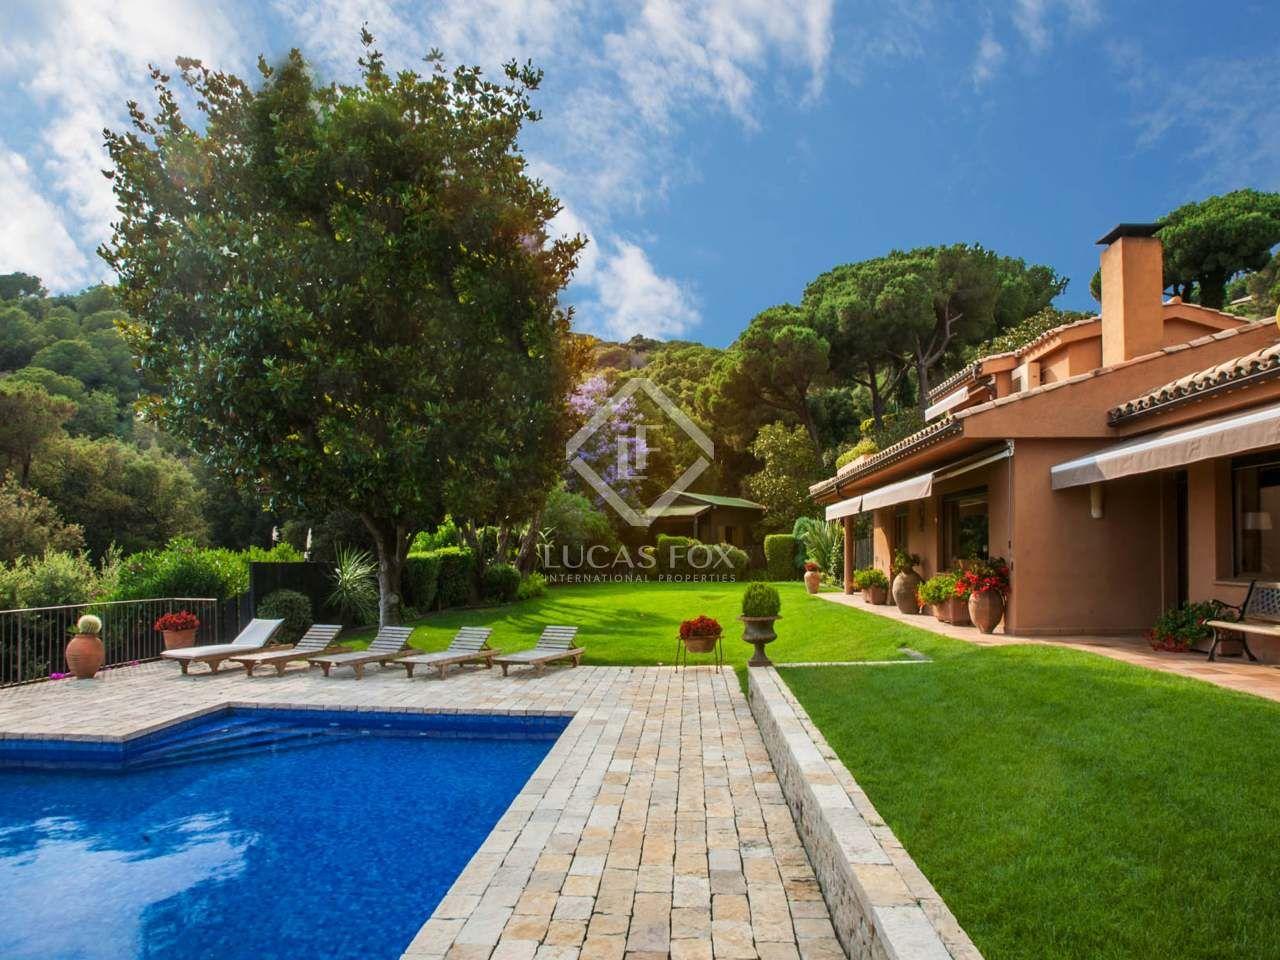 Encantadora villa con piscina y vistas al mar, en venta en